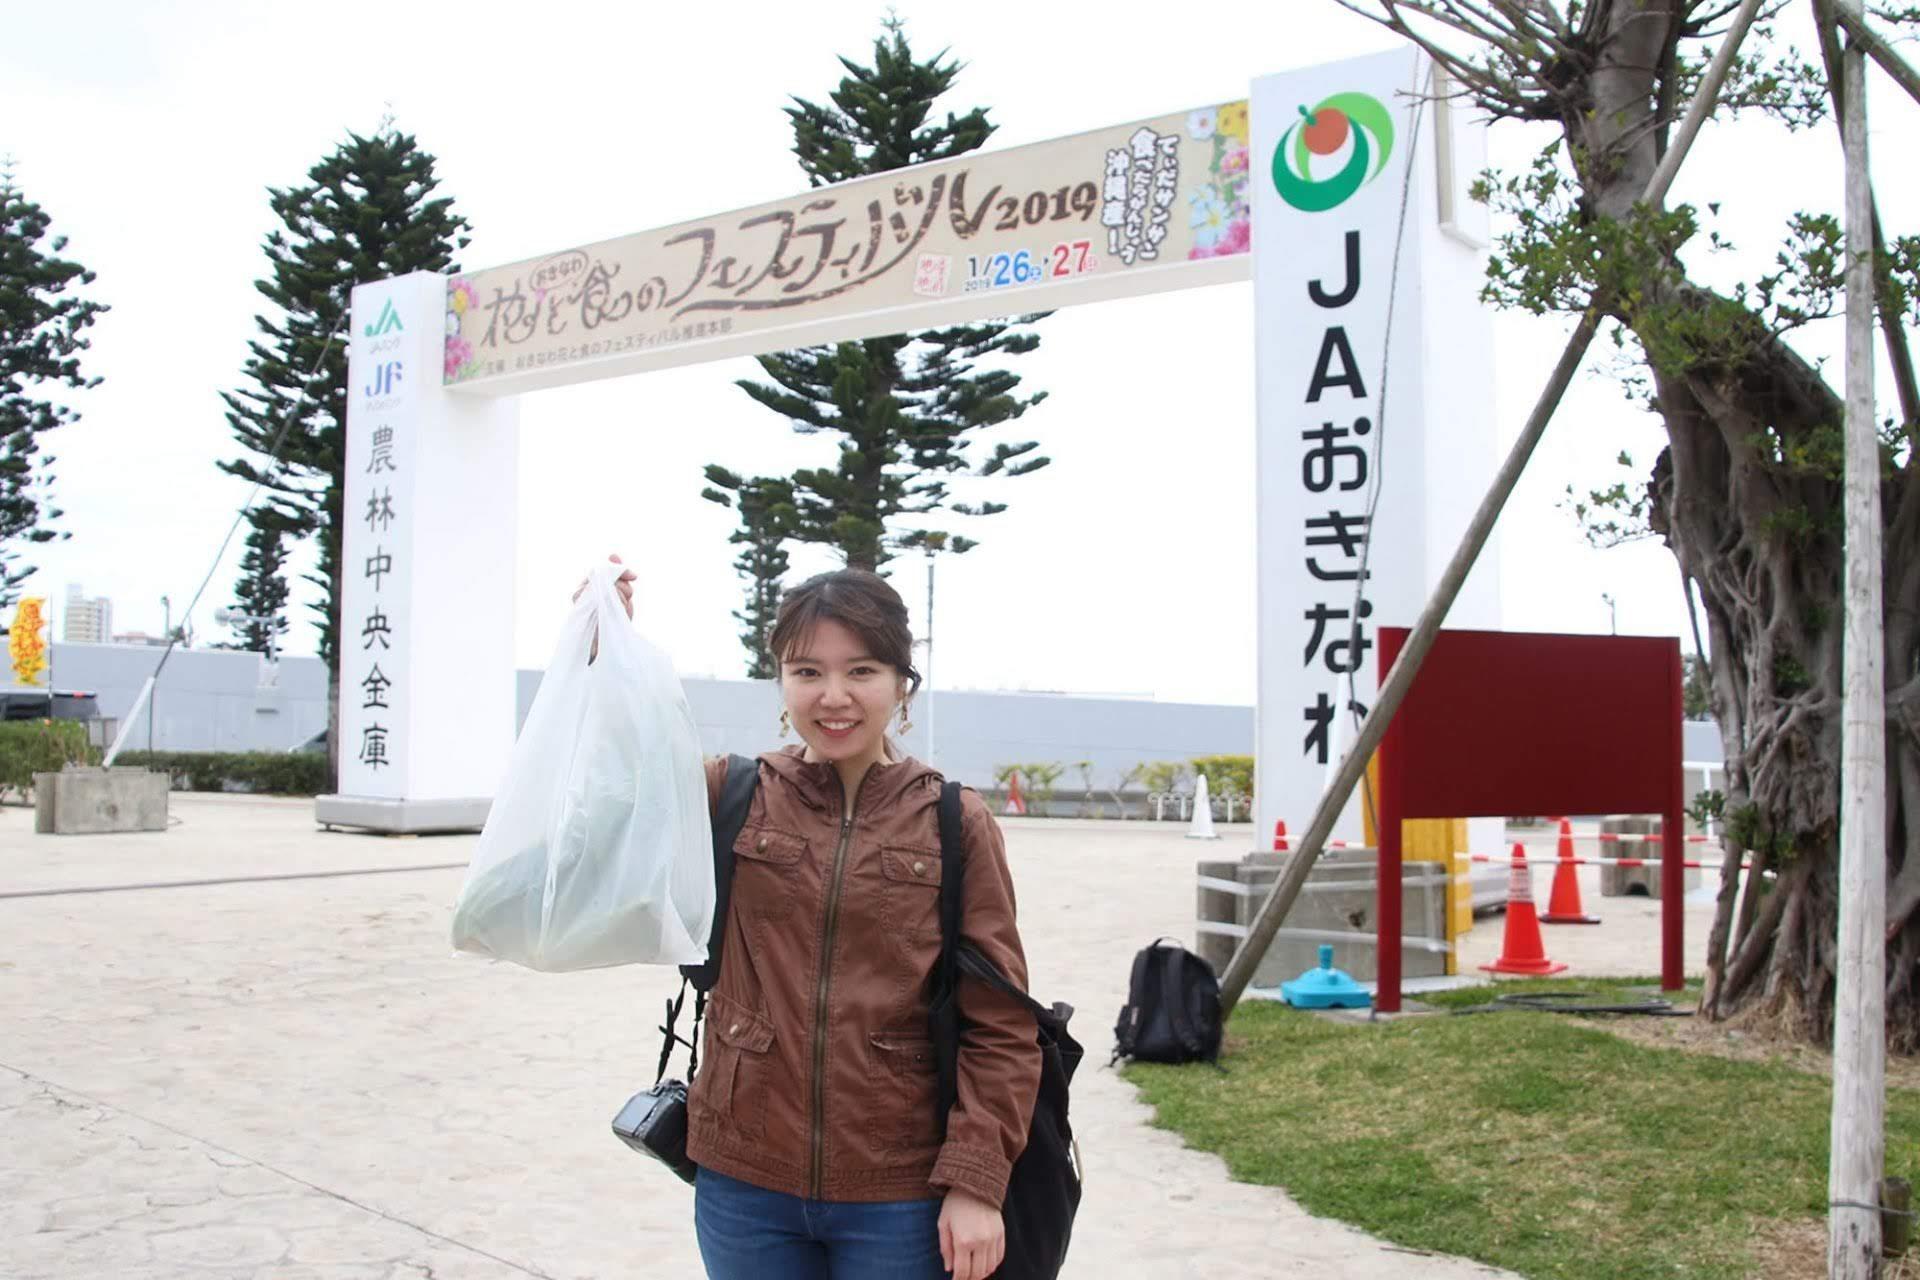 おきなわ 花と食のフェスティバル 花食 沖縄 旅行 観光 1月 正月